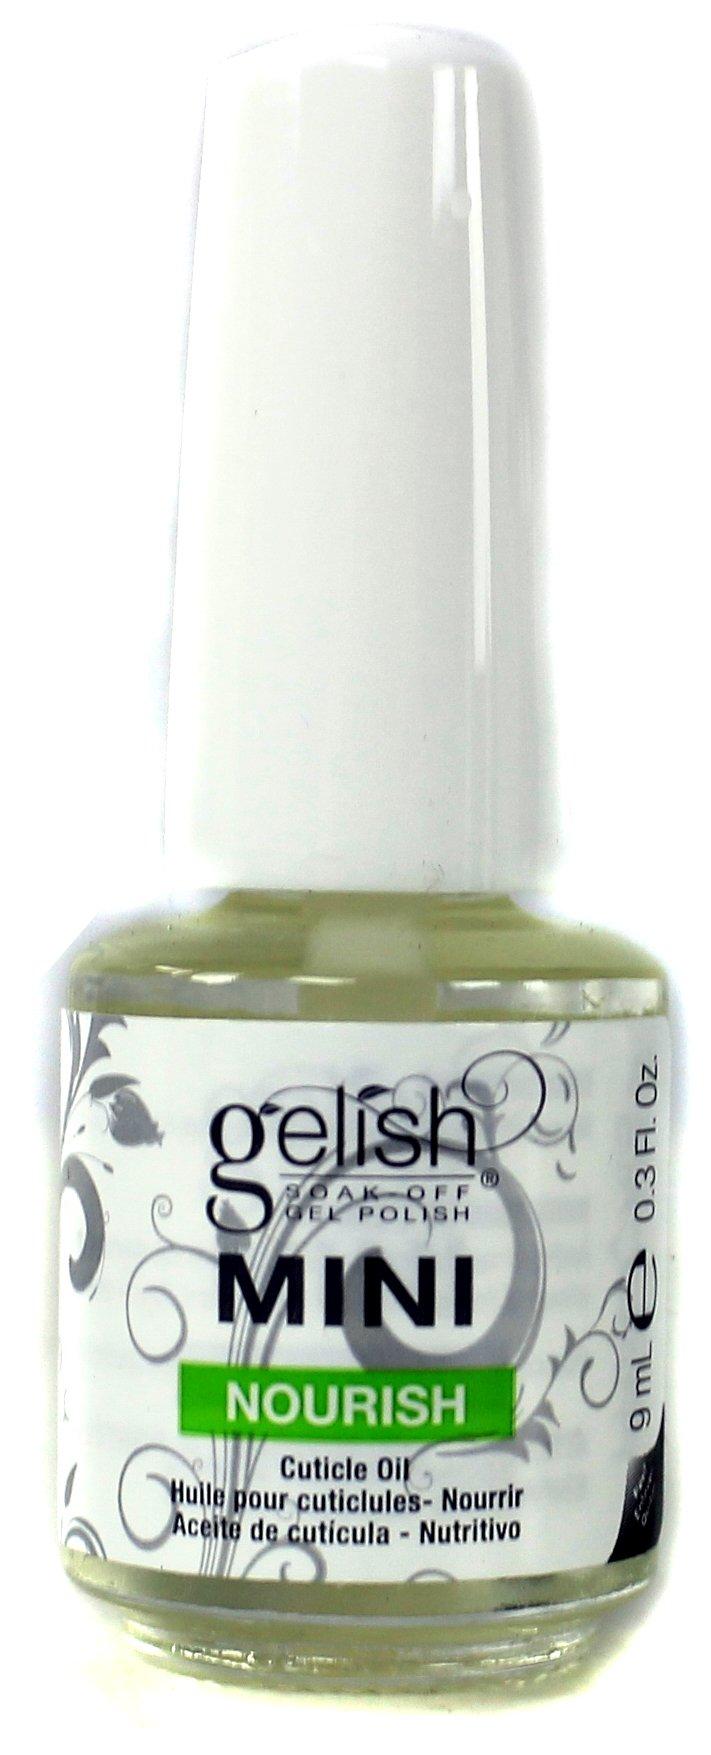 Gelish Harmony 18G Gel LED Nail Polish Curing Manicure Light Lamp + Basix Kit by Gelish (Image #6)